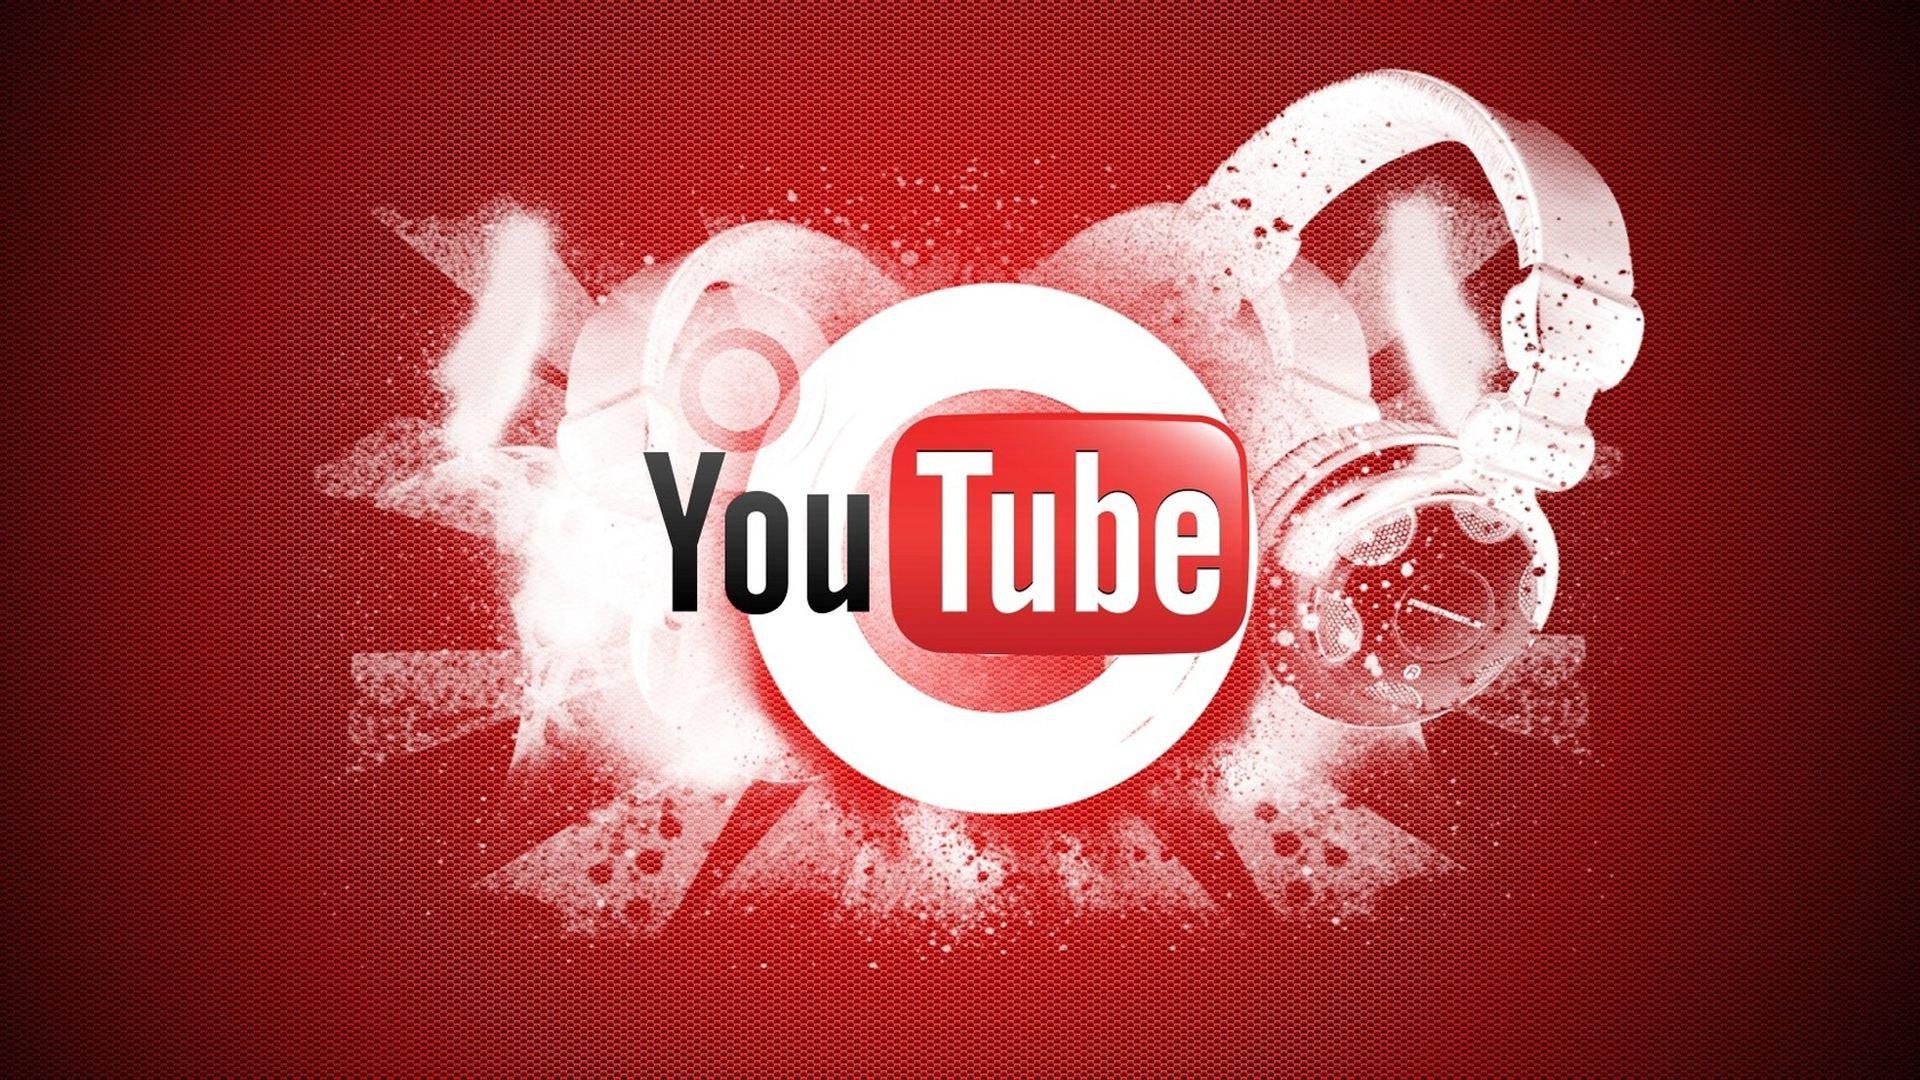 http://3.bp.blogspot.com/-w-f4mITz5wQ/UGZjaFLWW-I/AAAAAAAAK24/mcEuPMmljMs/s0/youtube-broadcast-1920x1080.jpg